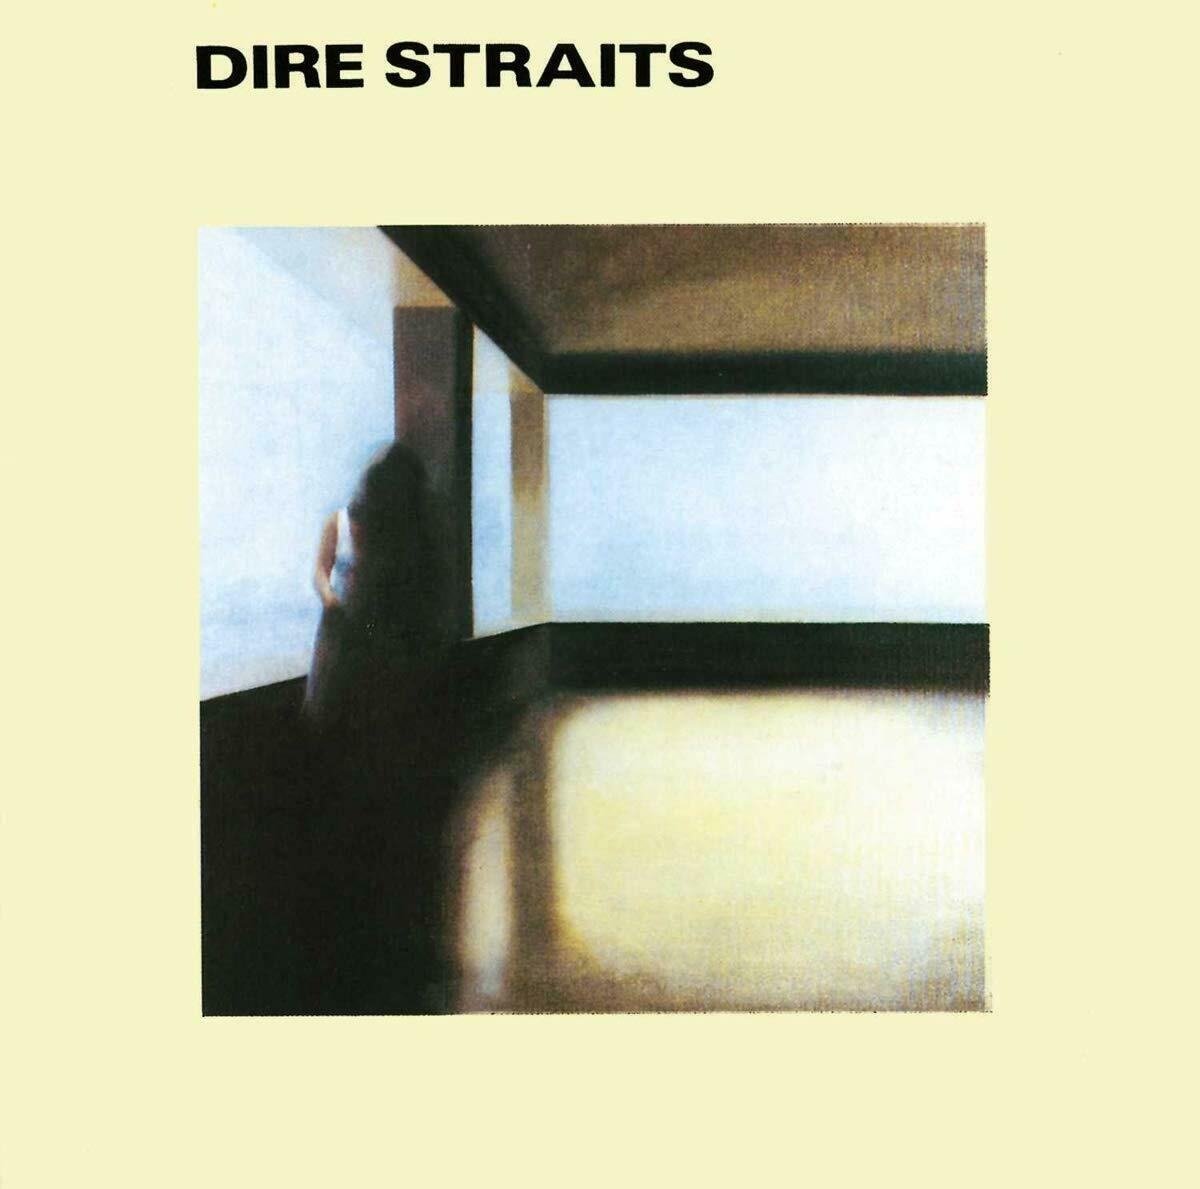 """Dire Straits """"Dire Straits"""""""